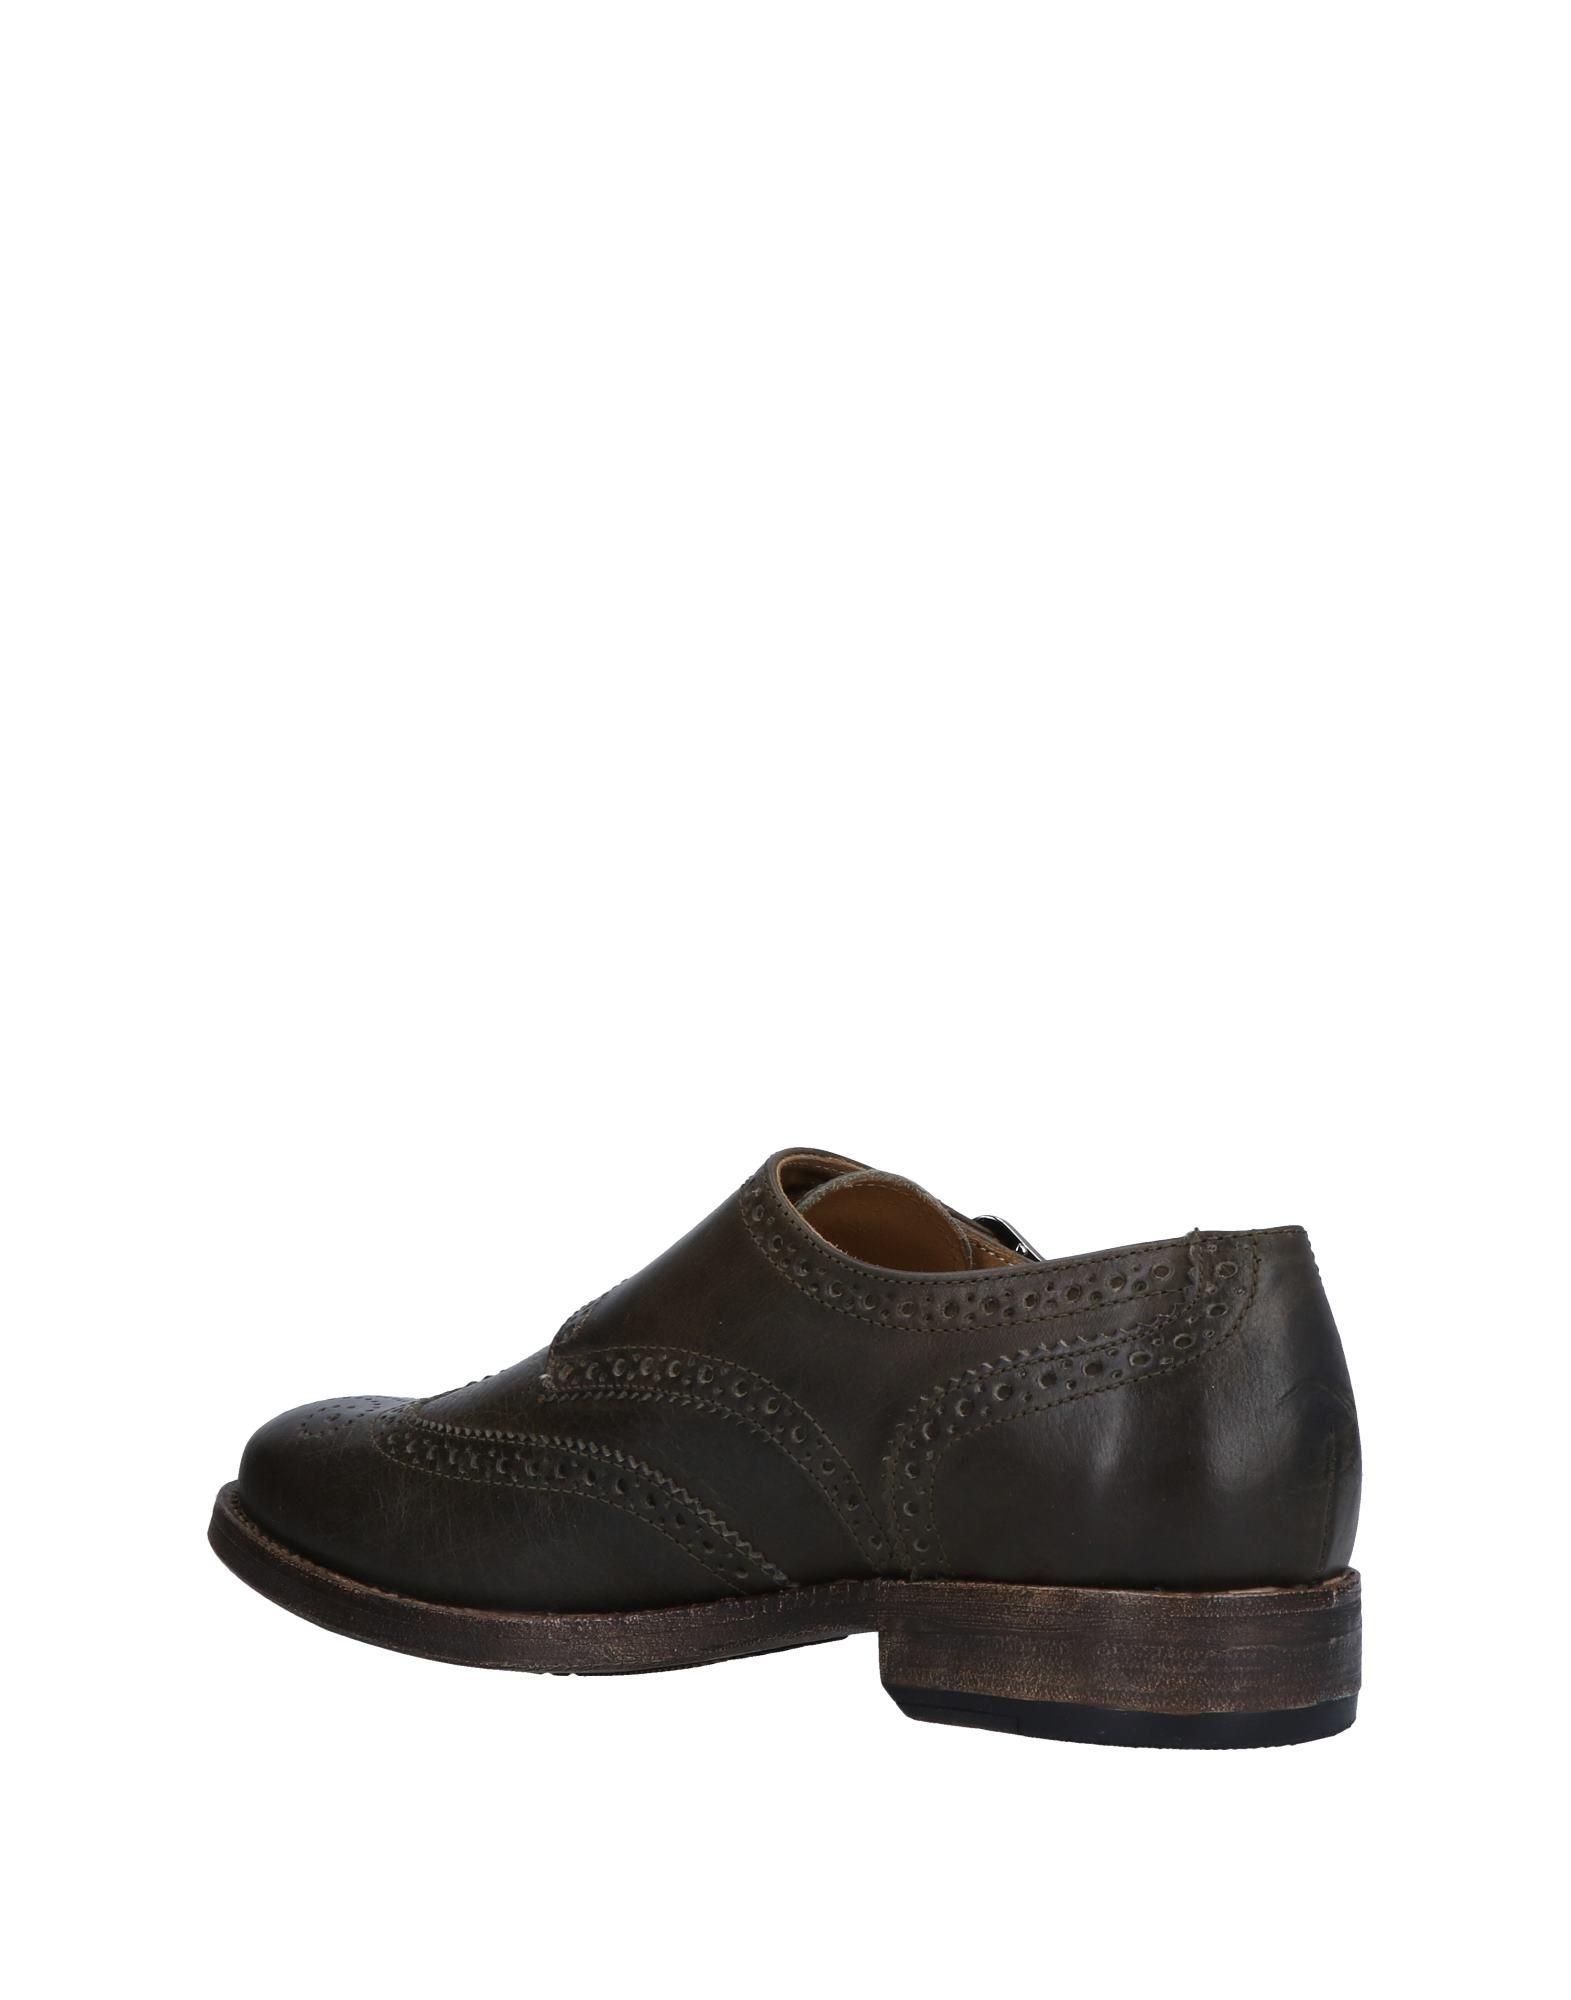 Rabatt echte Mokassins Schuhe Snobs® Mokassins echte Herren  11515670HU 0f5e41